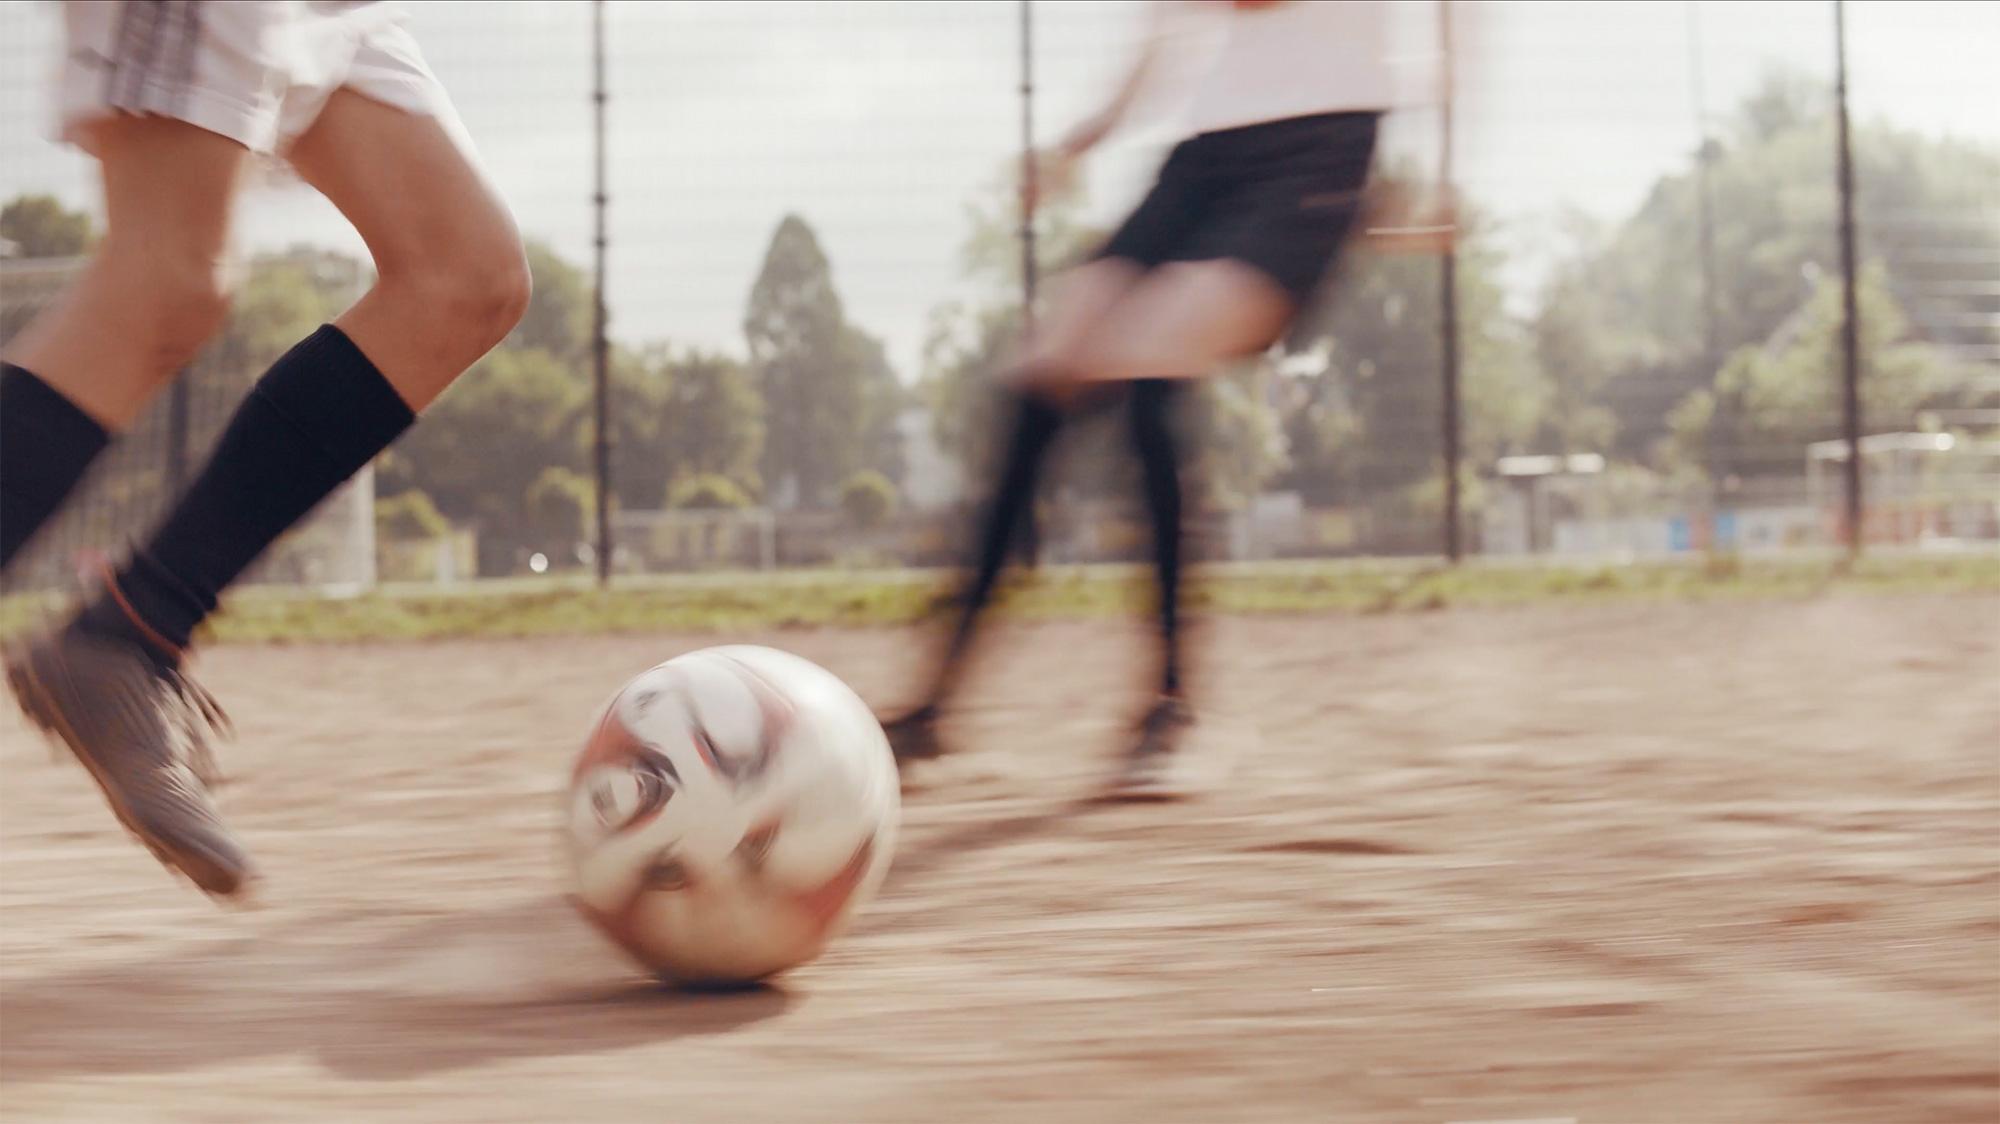 Junge mit Ball am Fuß auf Ascheplatz